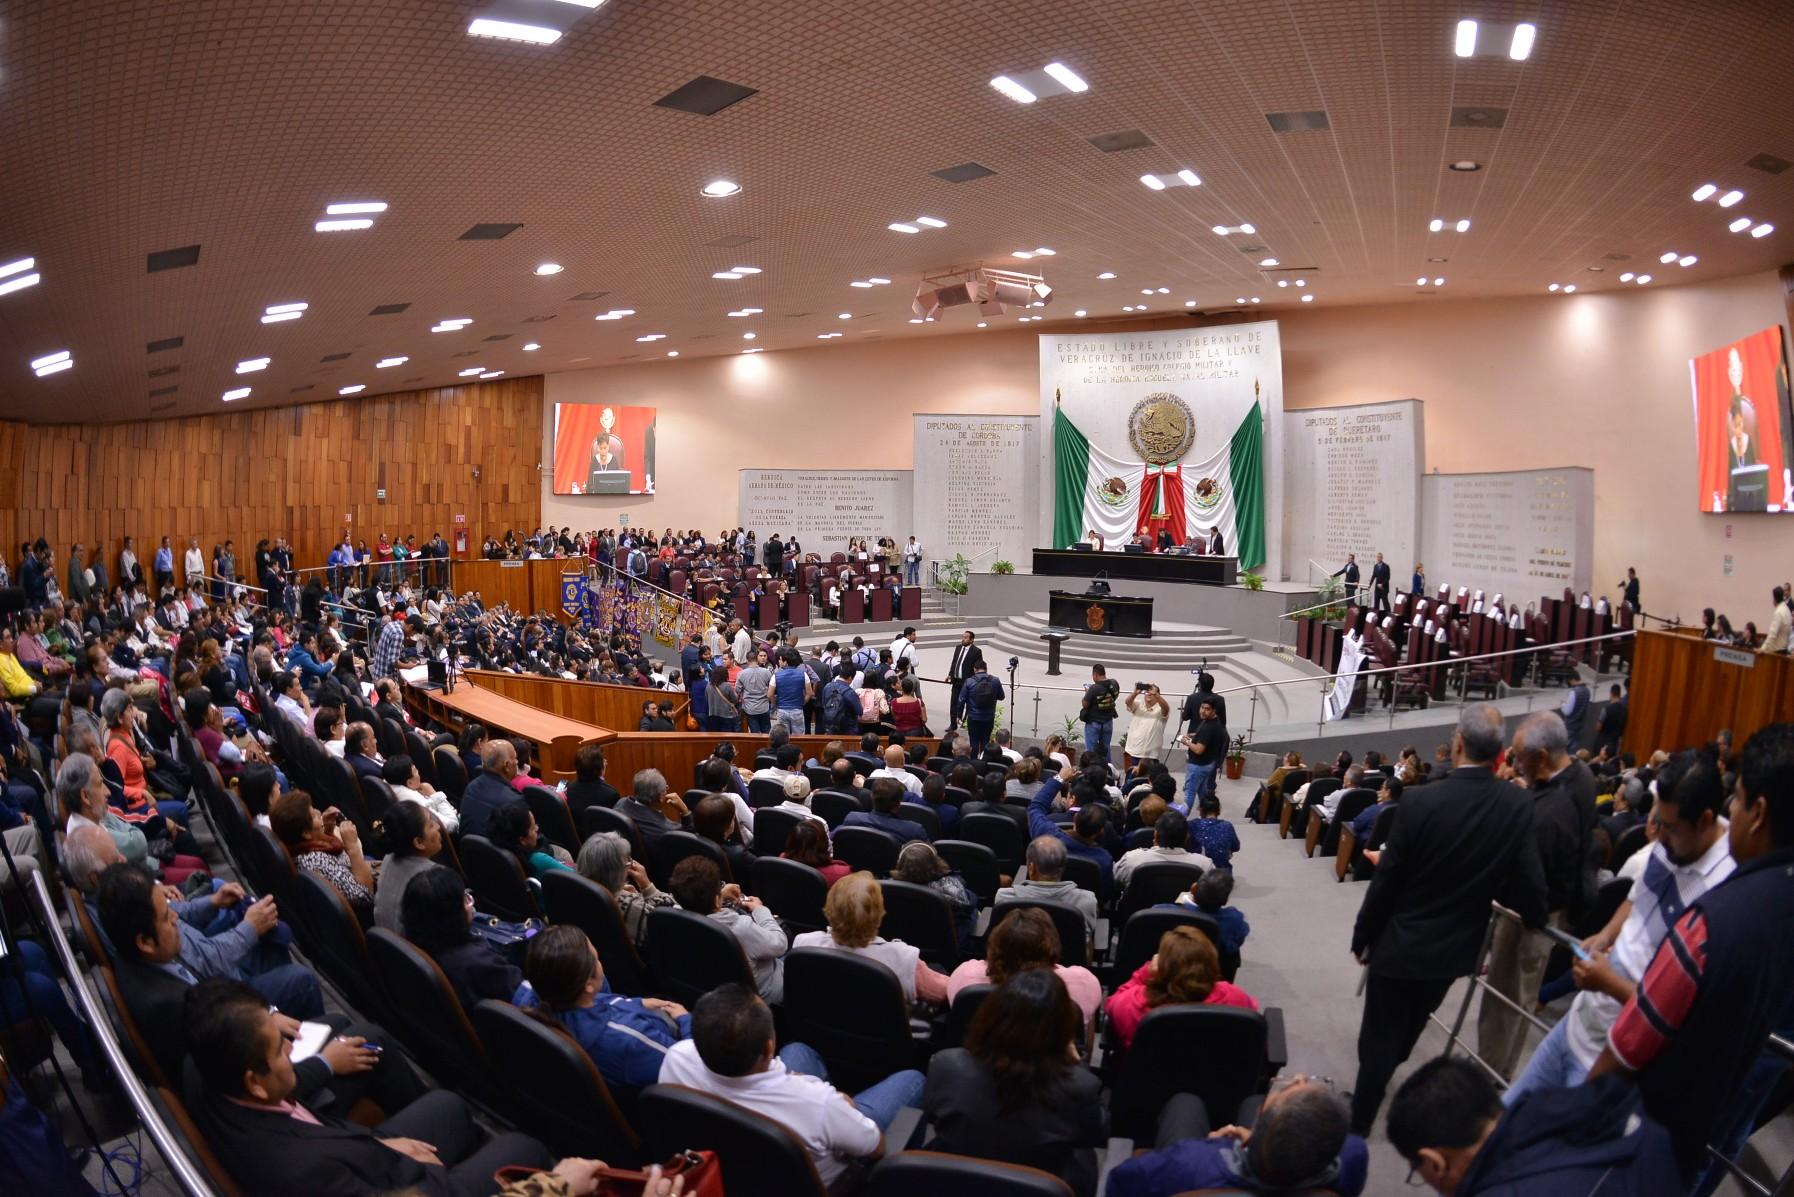 Aprueba Congreso creación de APP para construcción de 17 ciudades judiciales